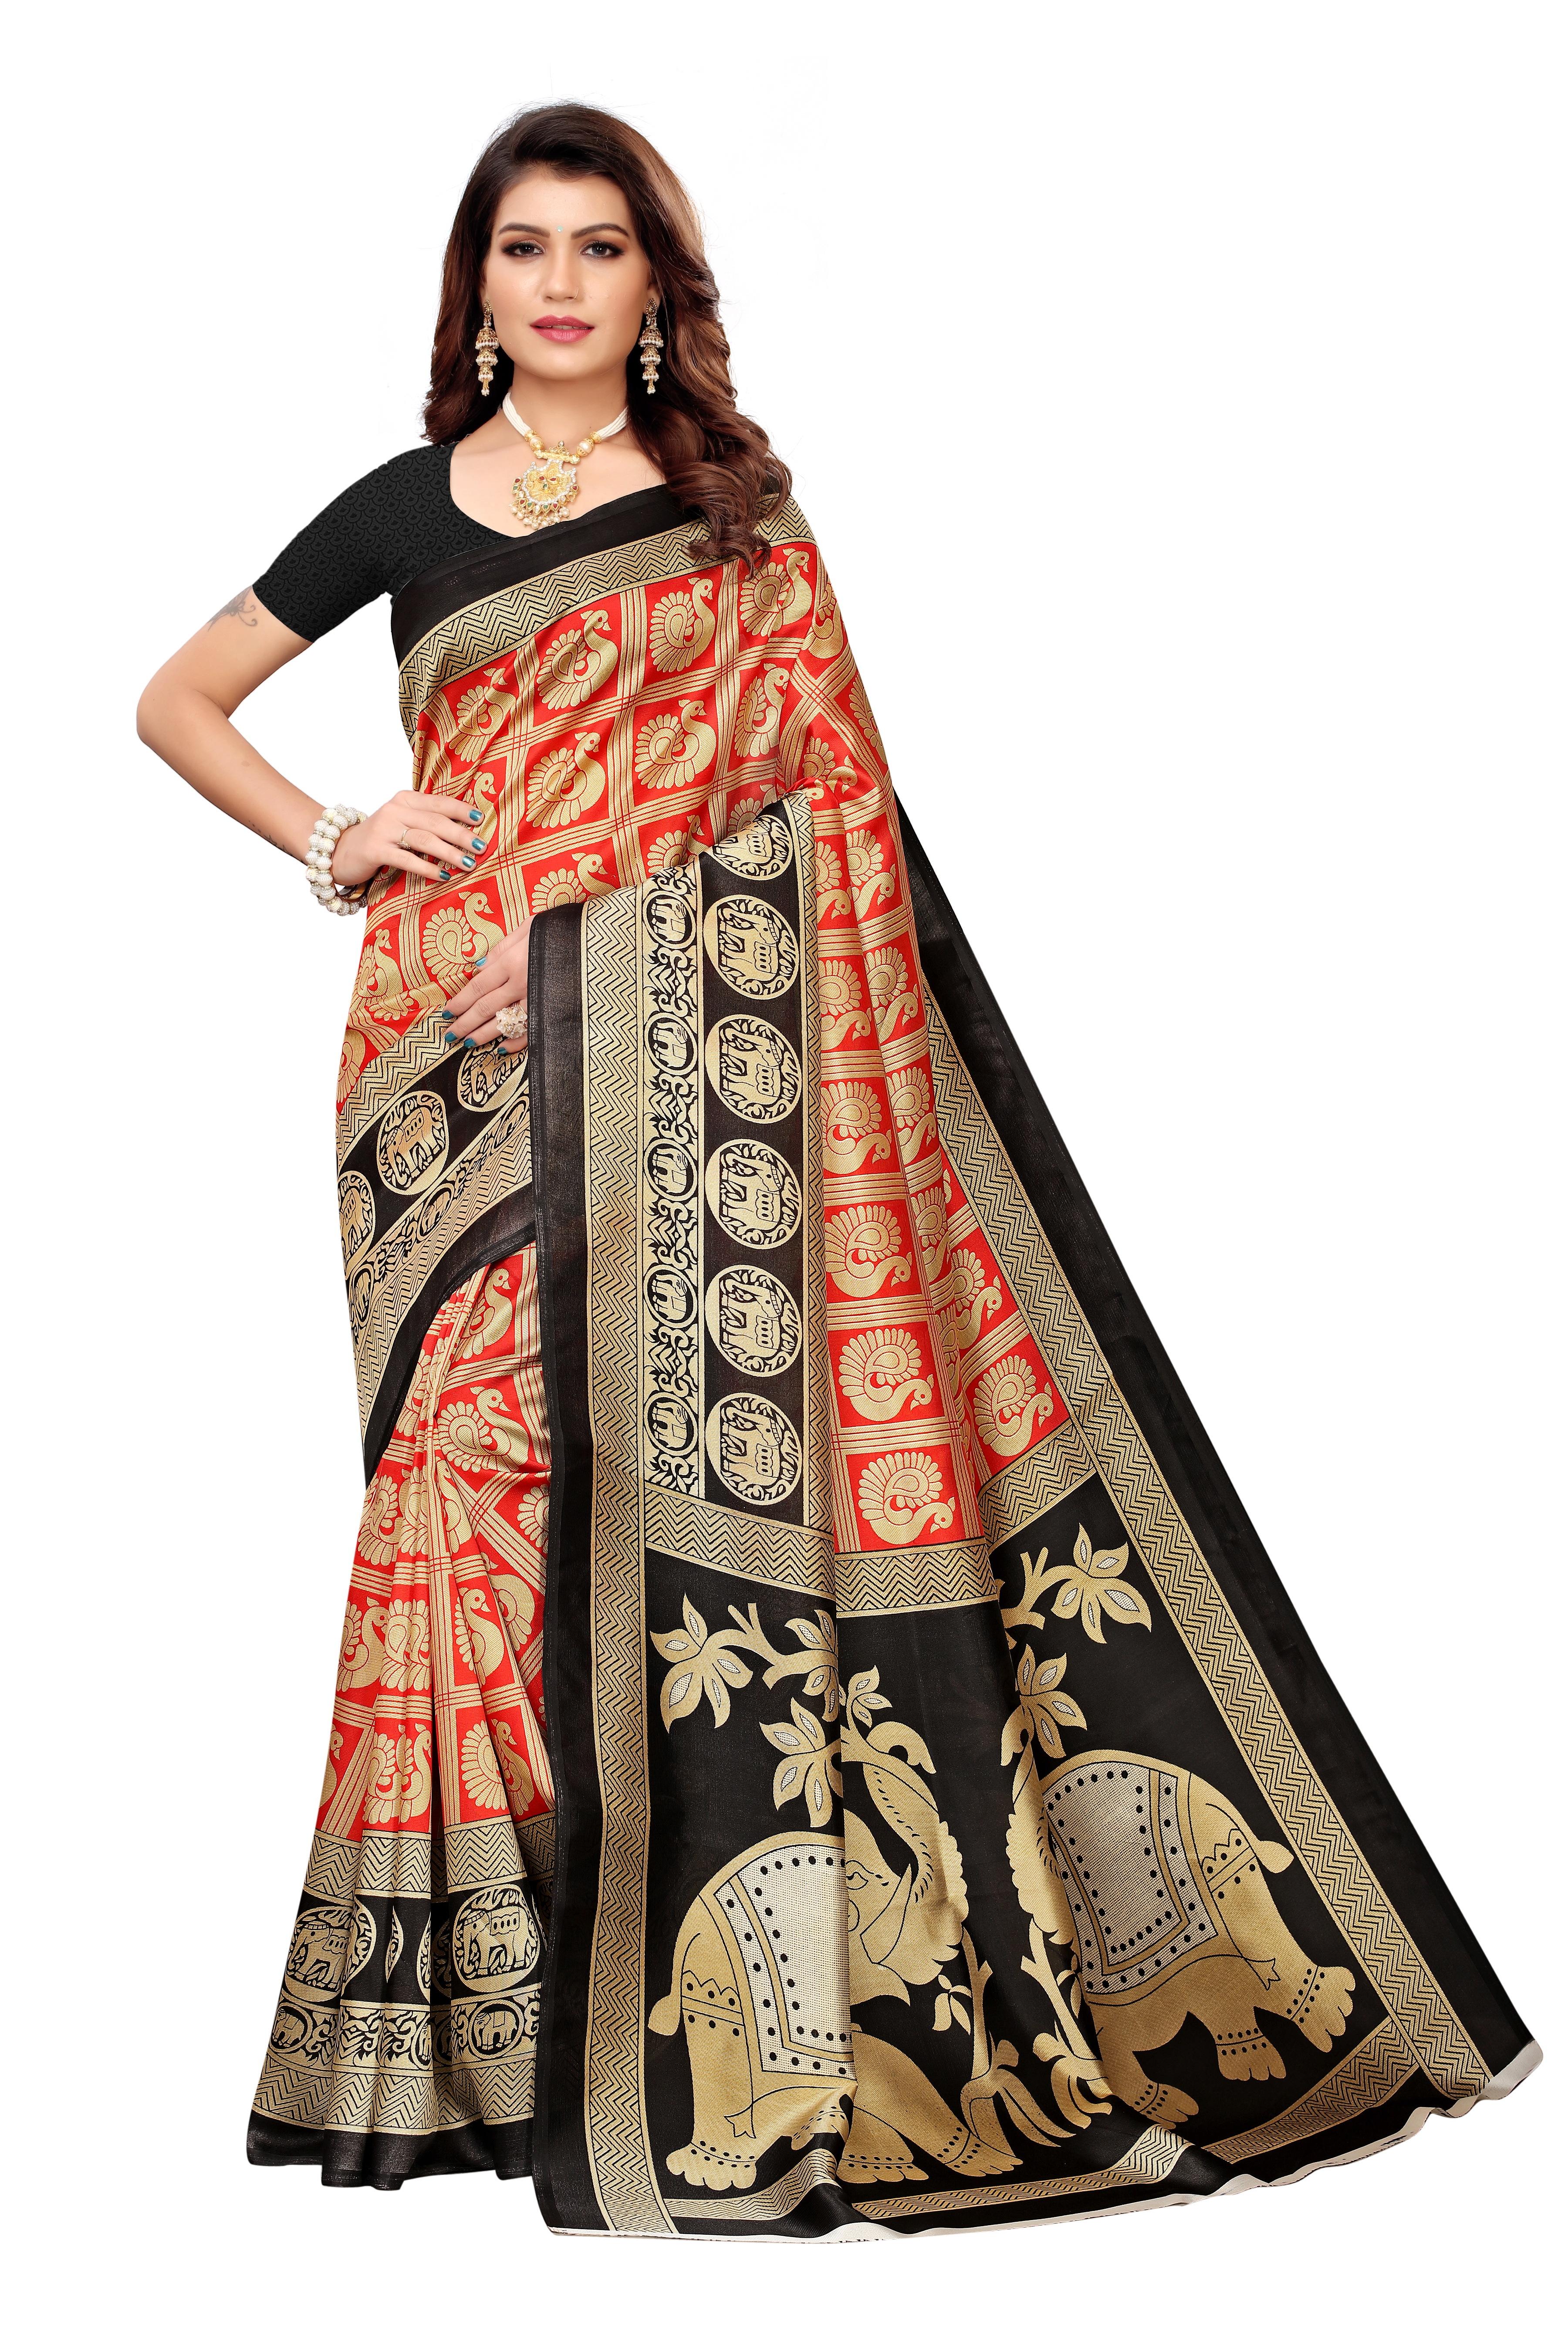 Kalamkari Big Border printed saree